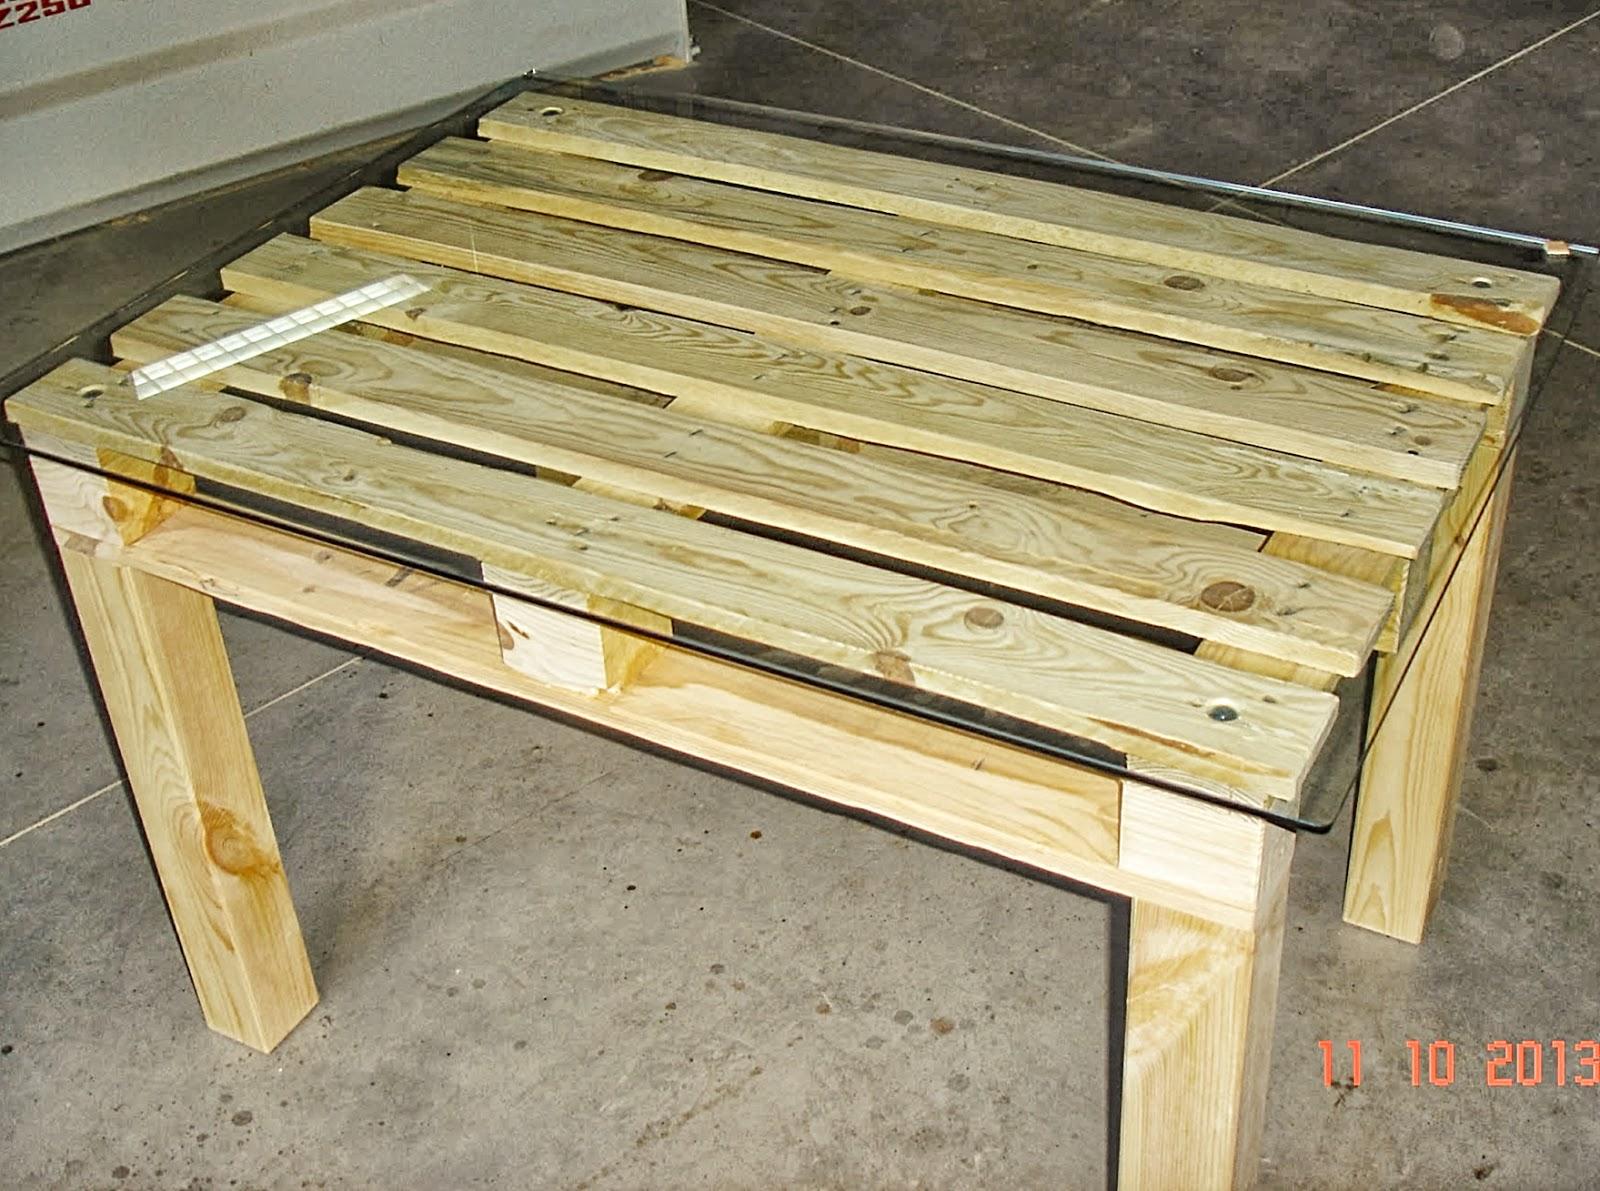 Carpinteria sevilla mesa palet - Como hacer una mesa con palets ...